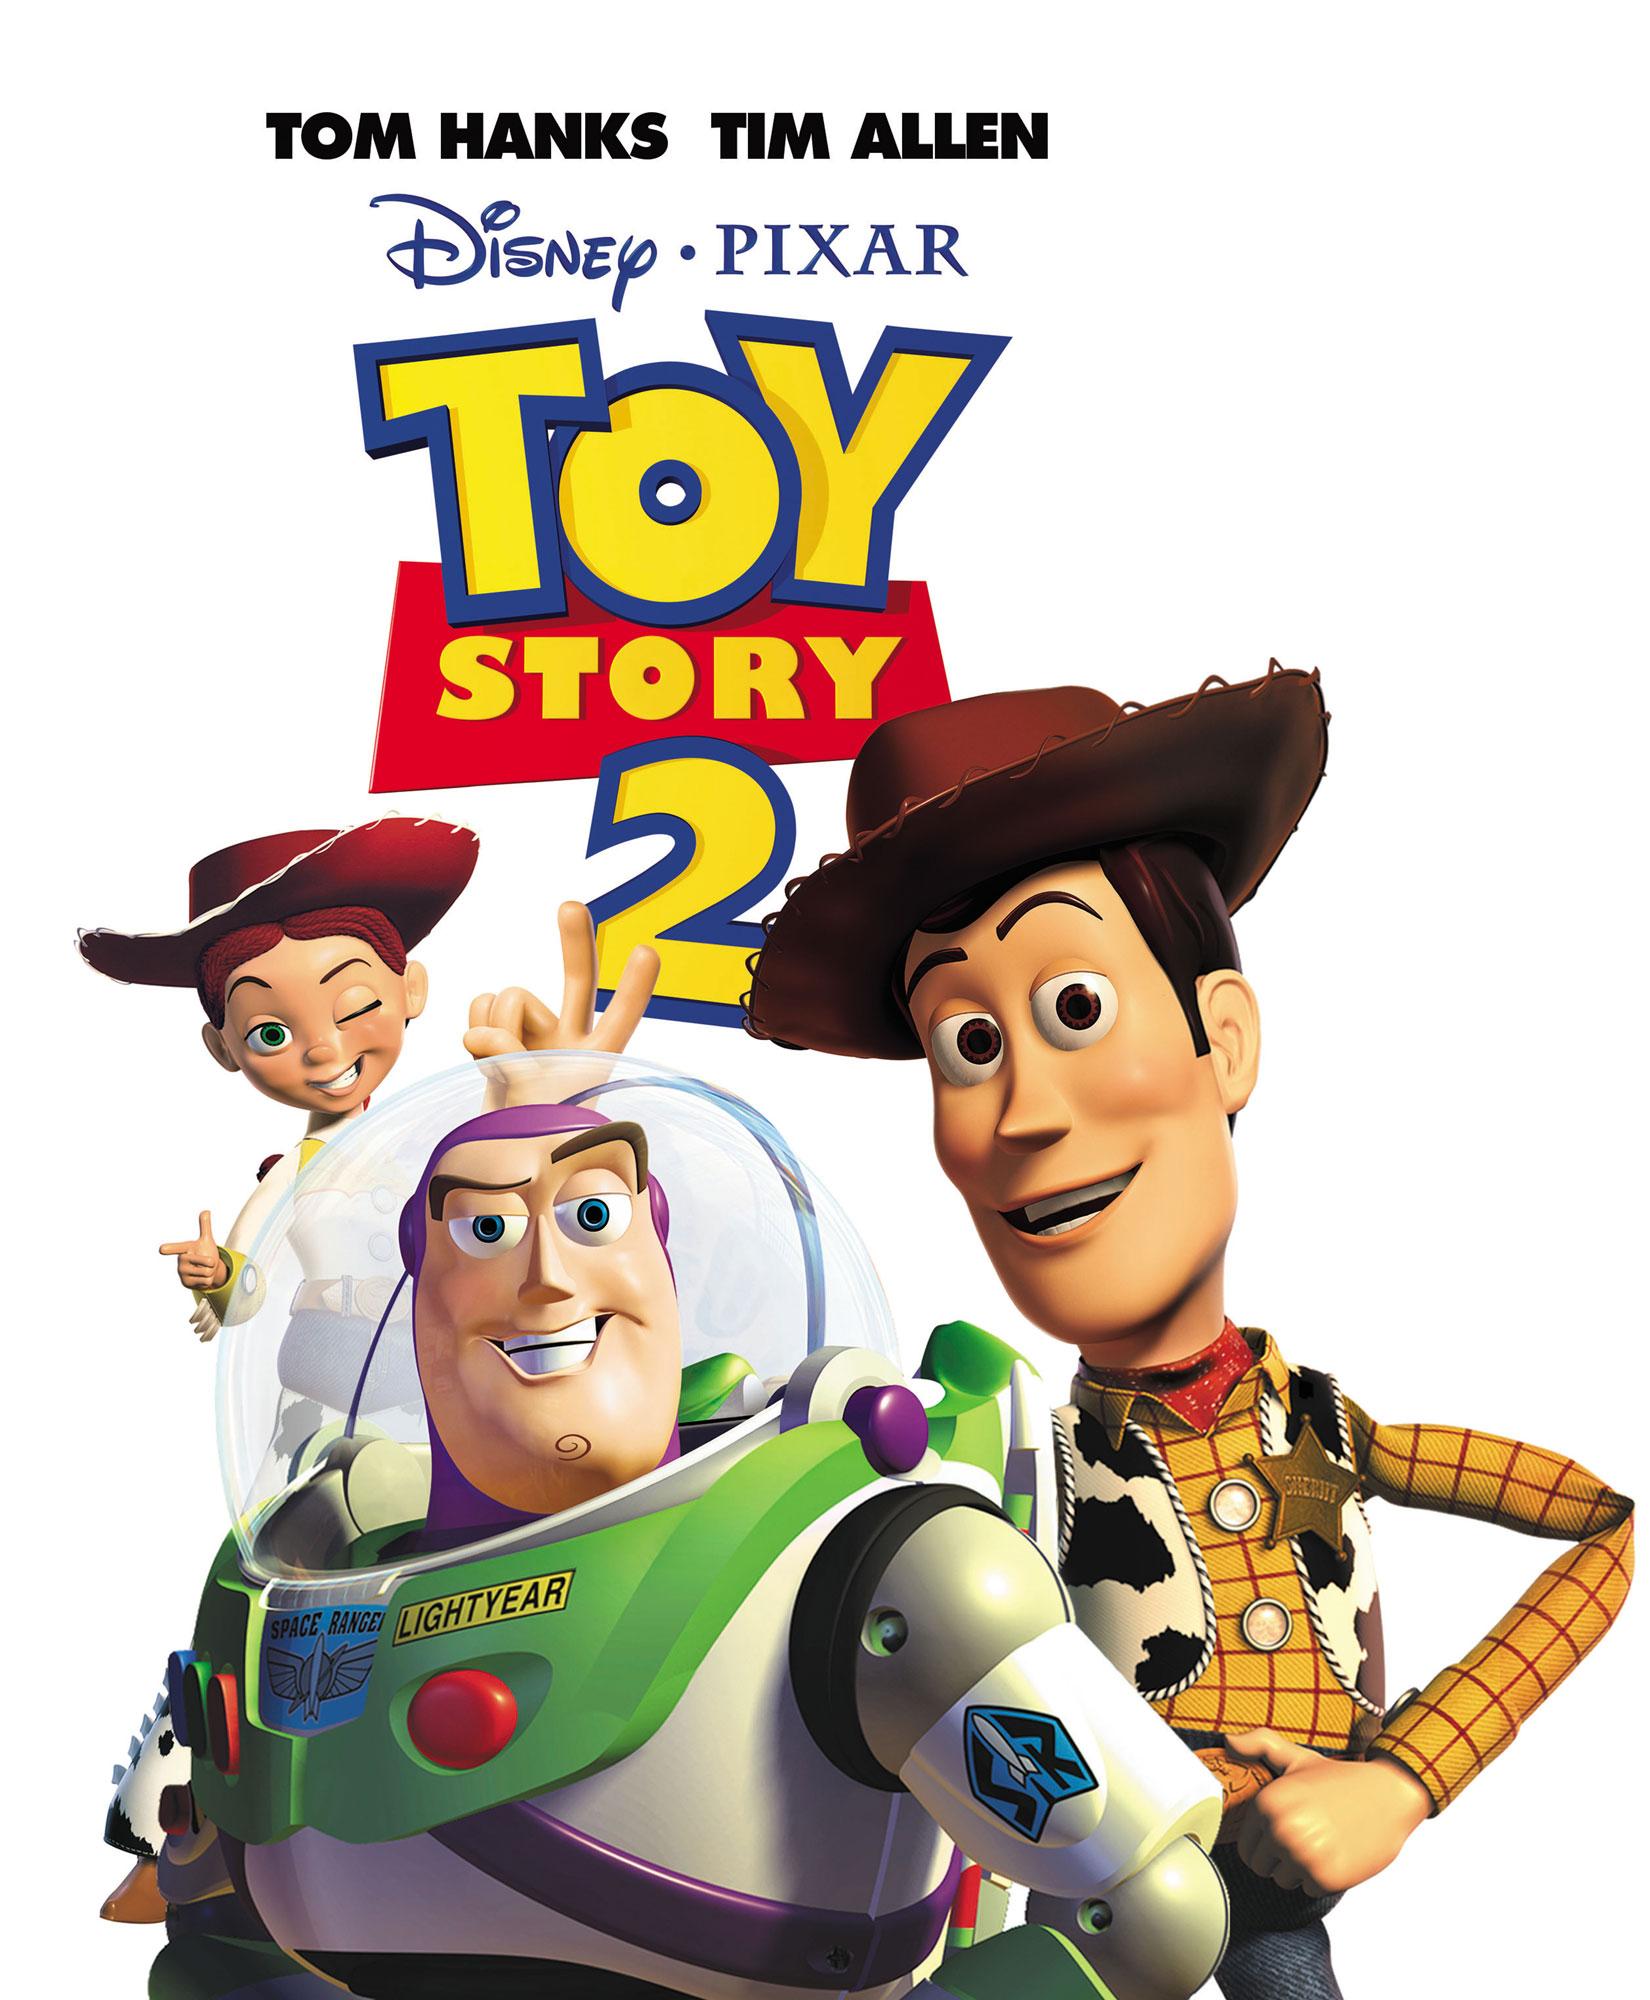 Un comando introducido de forma equivocada borró el 90% de la película. (Toy Story / Facebook)